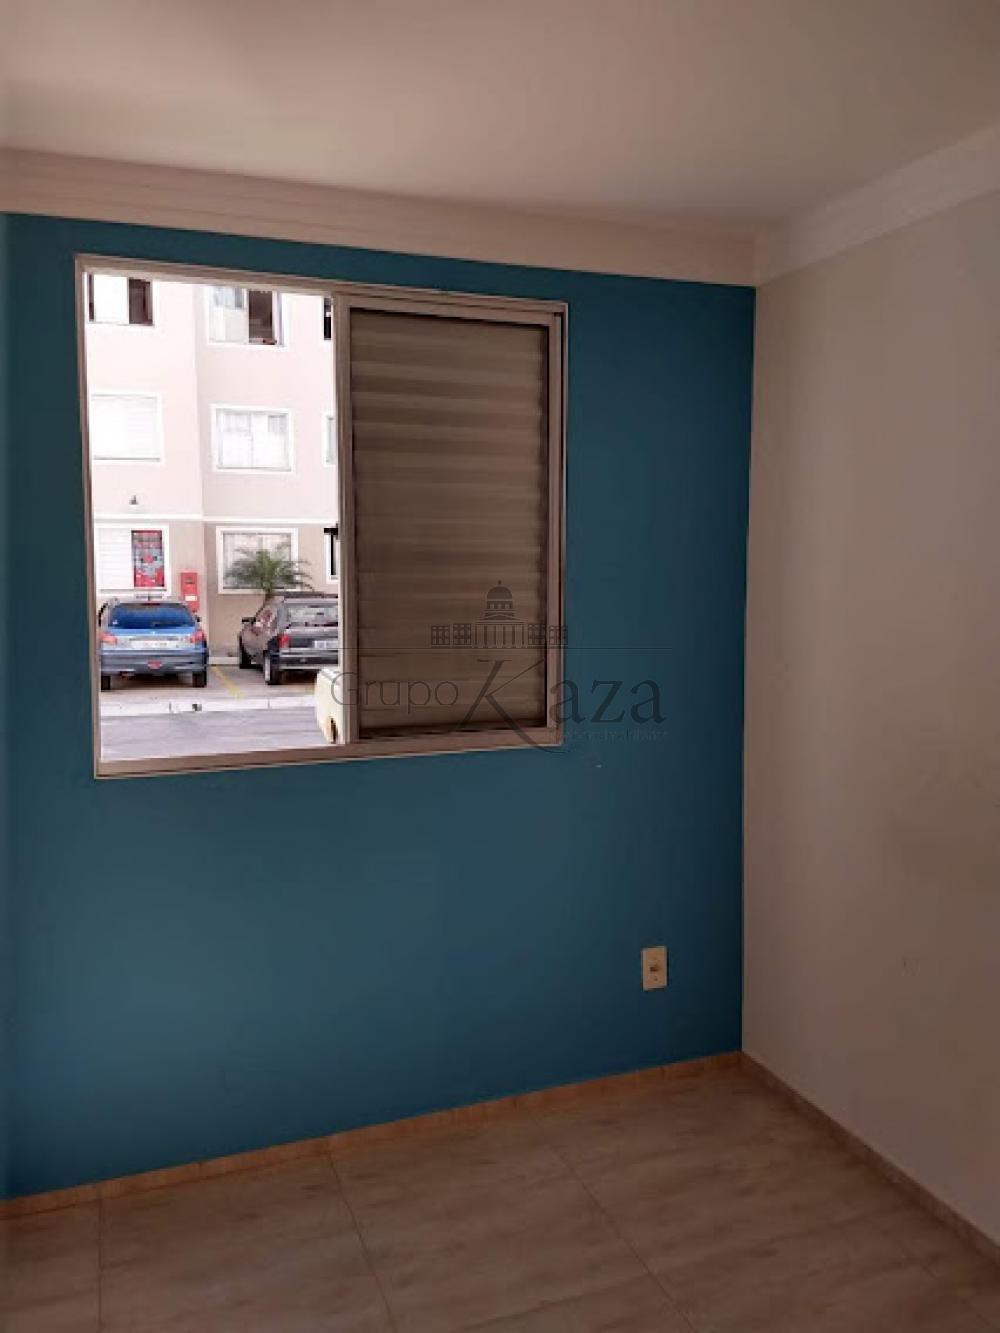 alt='Comprar Apartamento / Padrão em São José dos Campos R$ 188.000,00 - Foto 4' title='Comprar Apartamento / Padrão em São José dos Campos R$ 188.000,00 - Foto 4'